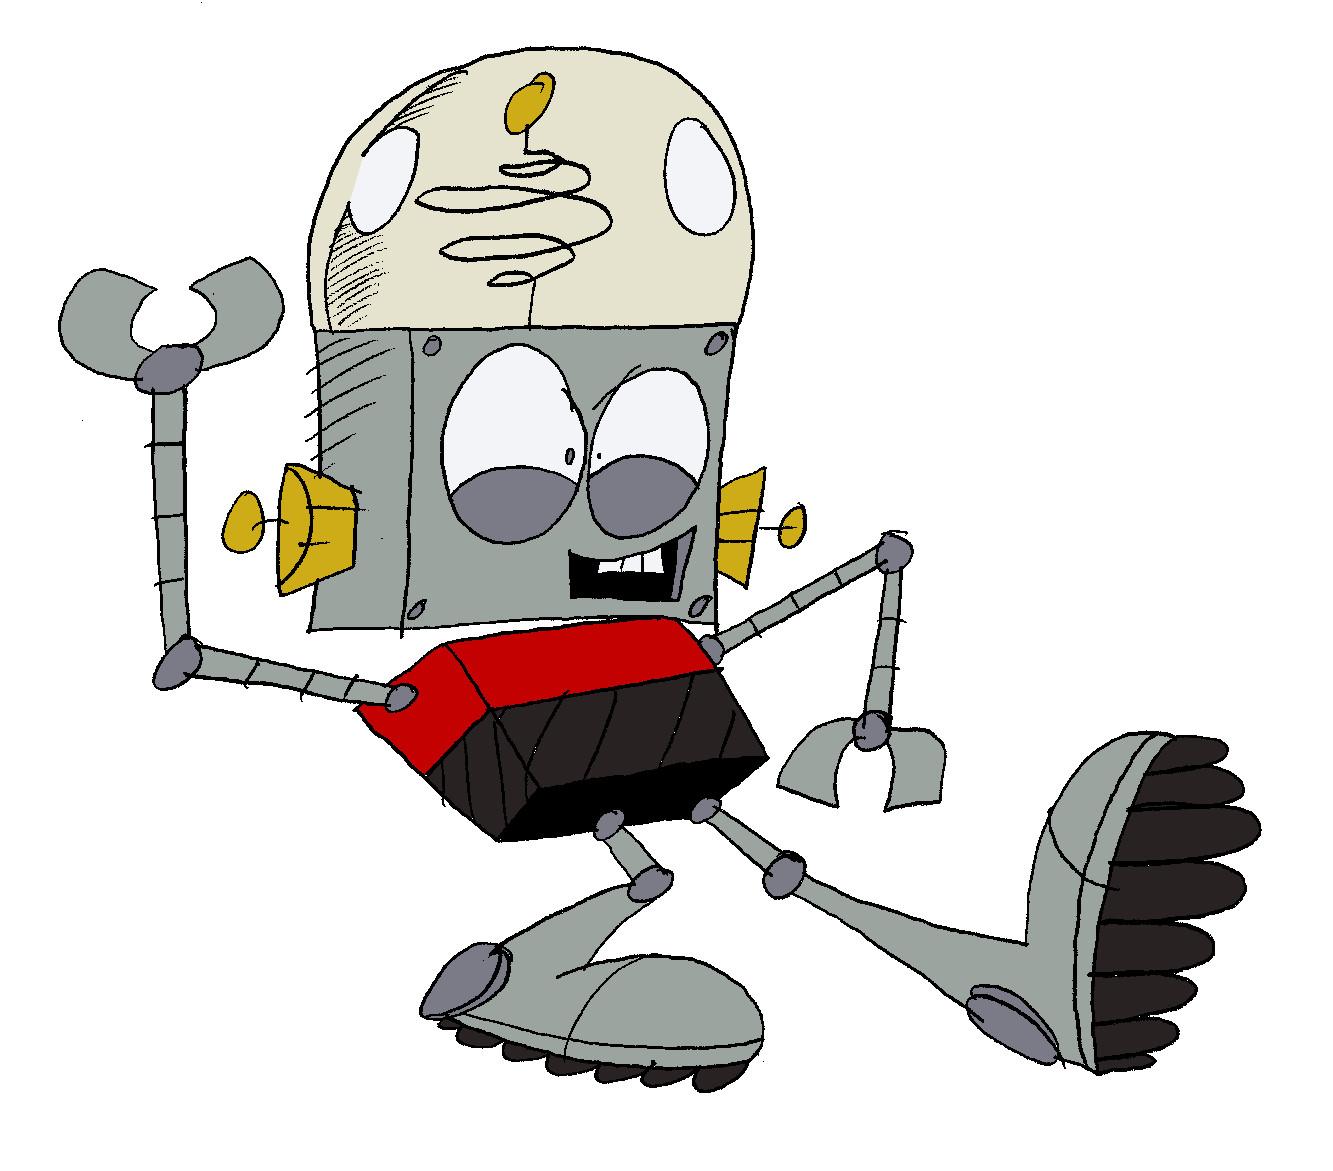 Robot Jones by Bigfatloser86 on DeviantArt